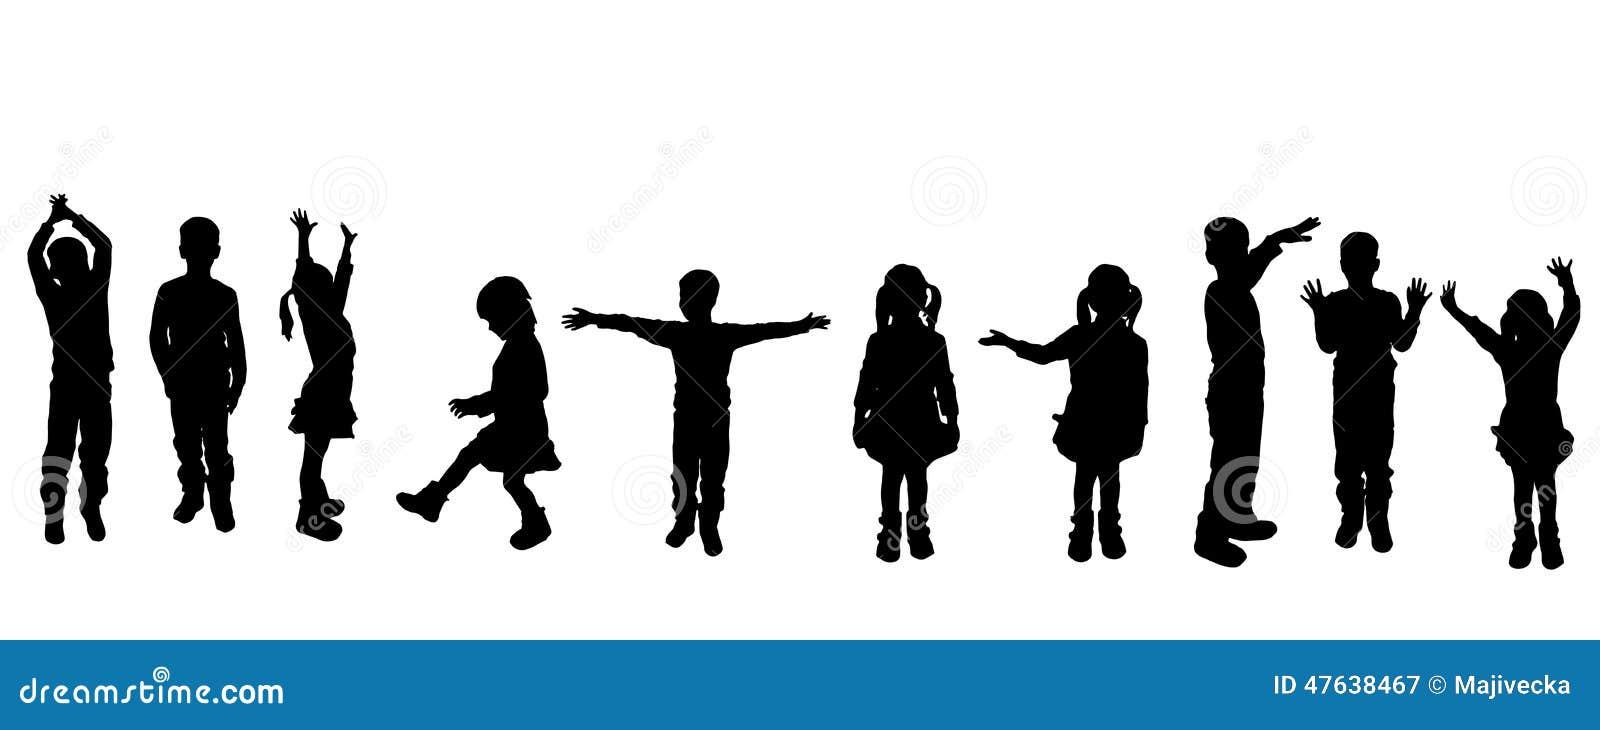 Wektorowa sylwetka dzieci